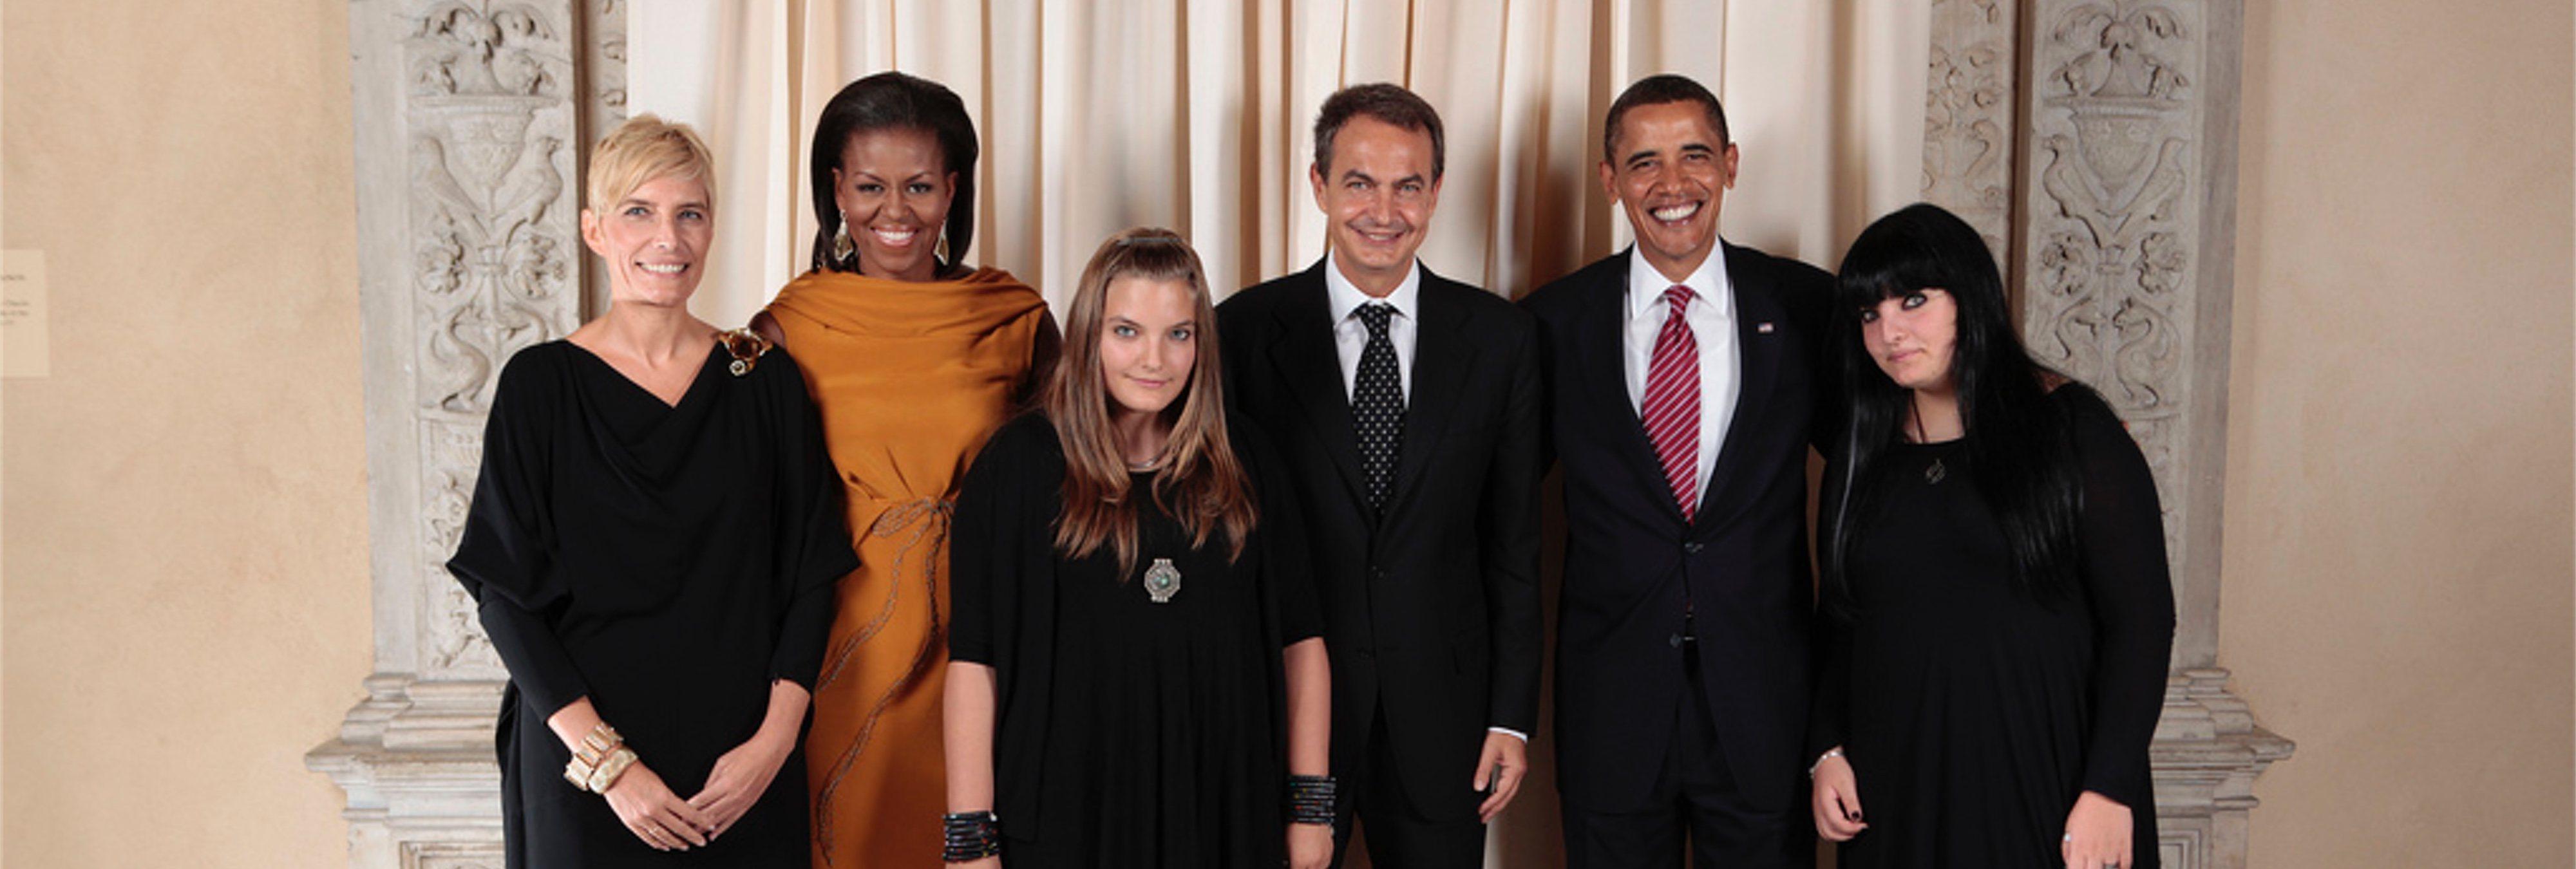 ¿Recuerdas a las hijas góticas de Zapatero? Esta es su nueva vida